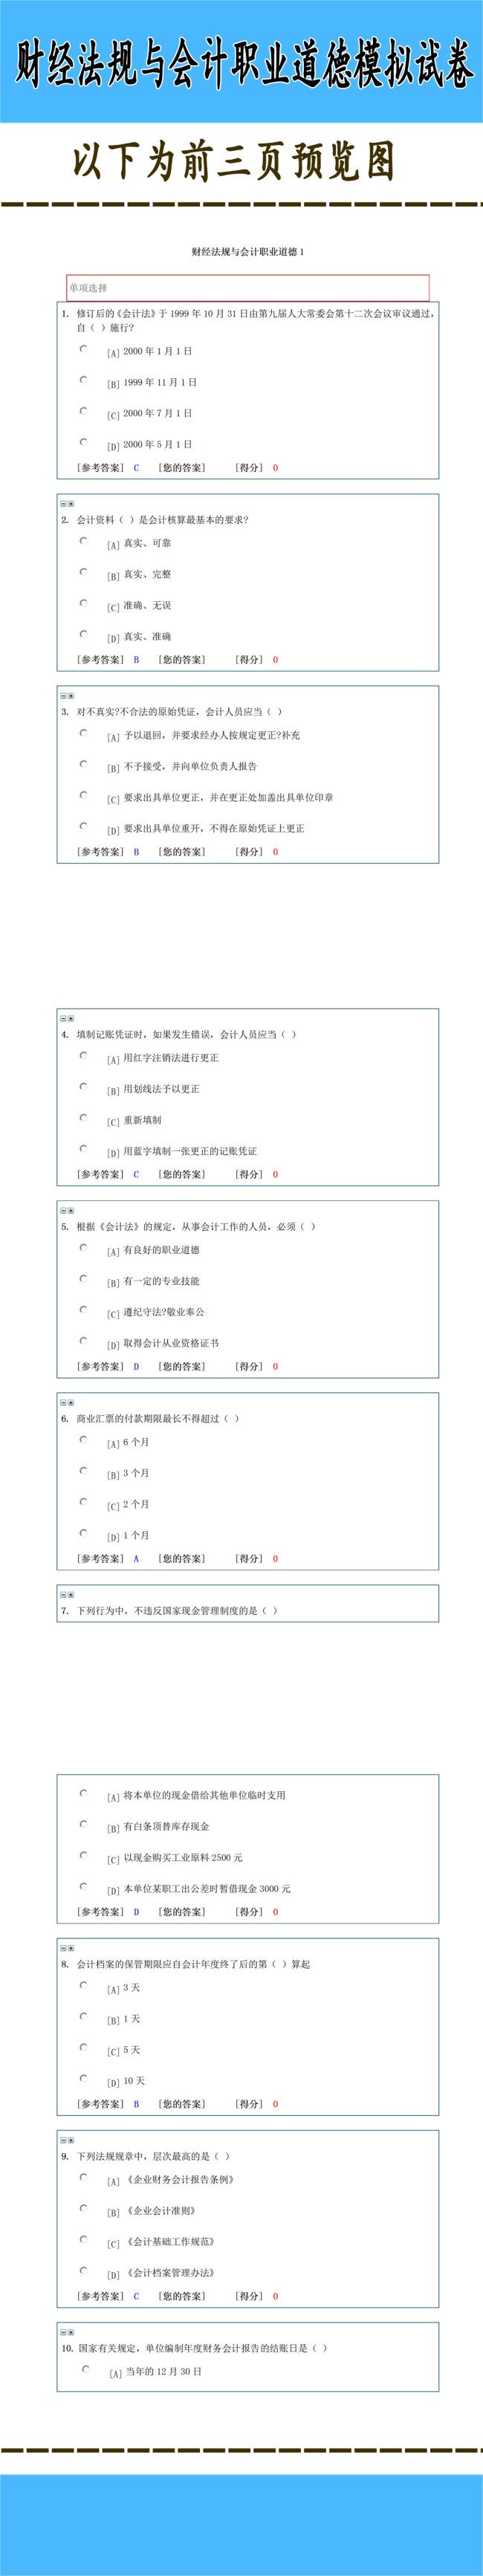 办公|ppt模板 word模板 应用文书 > 财经法规与会计职业道德试卷word